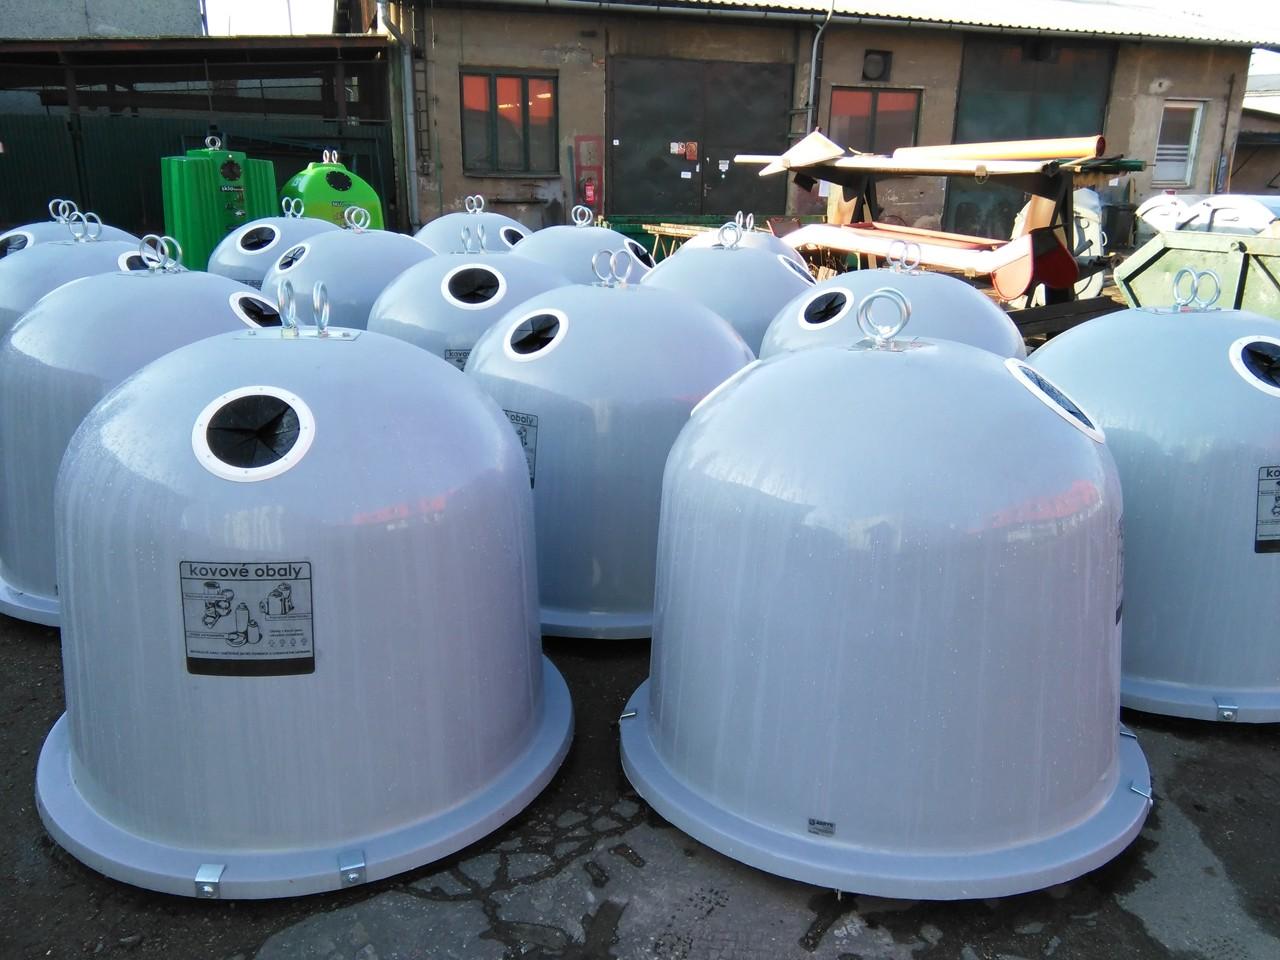 Kontejnery na kovové obaly